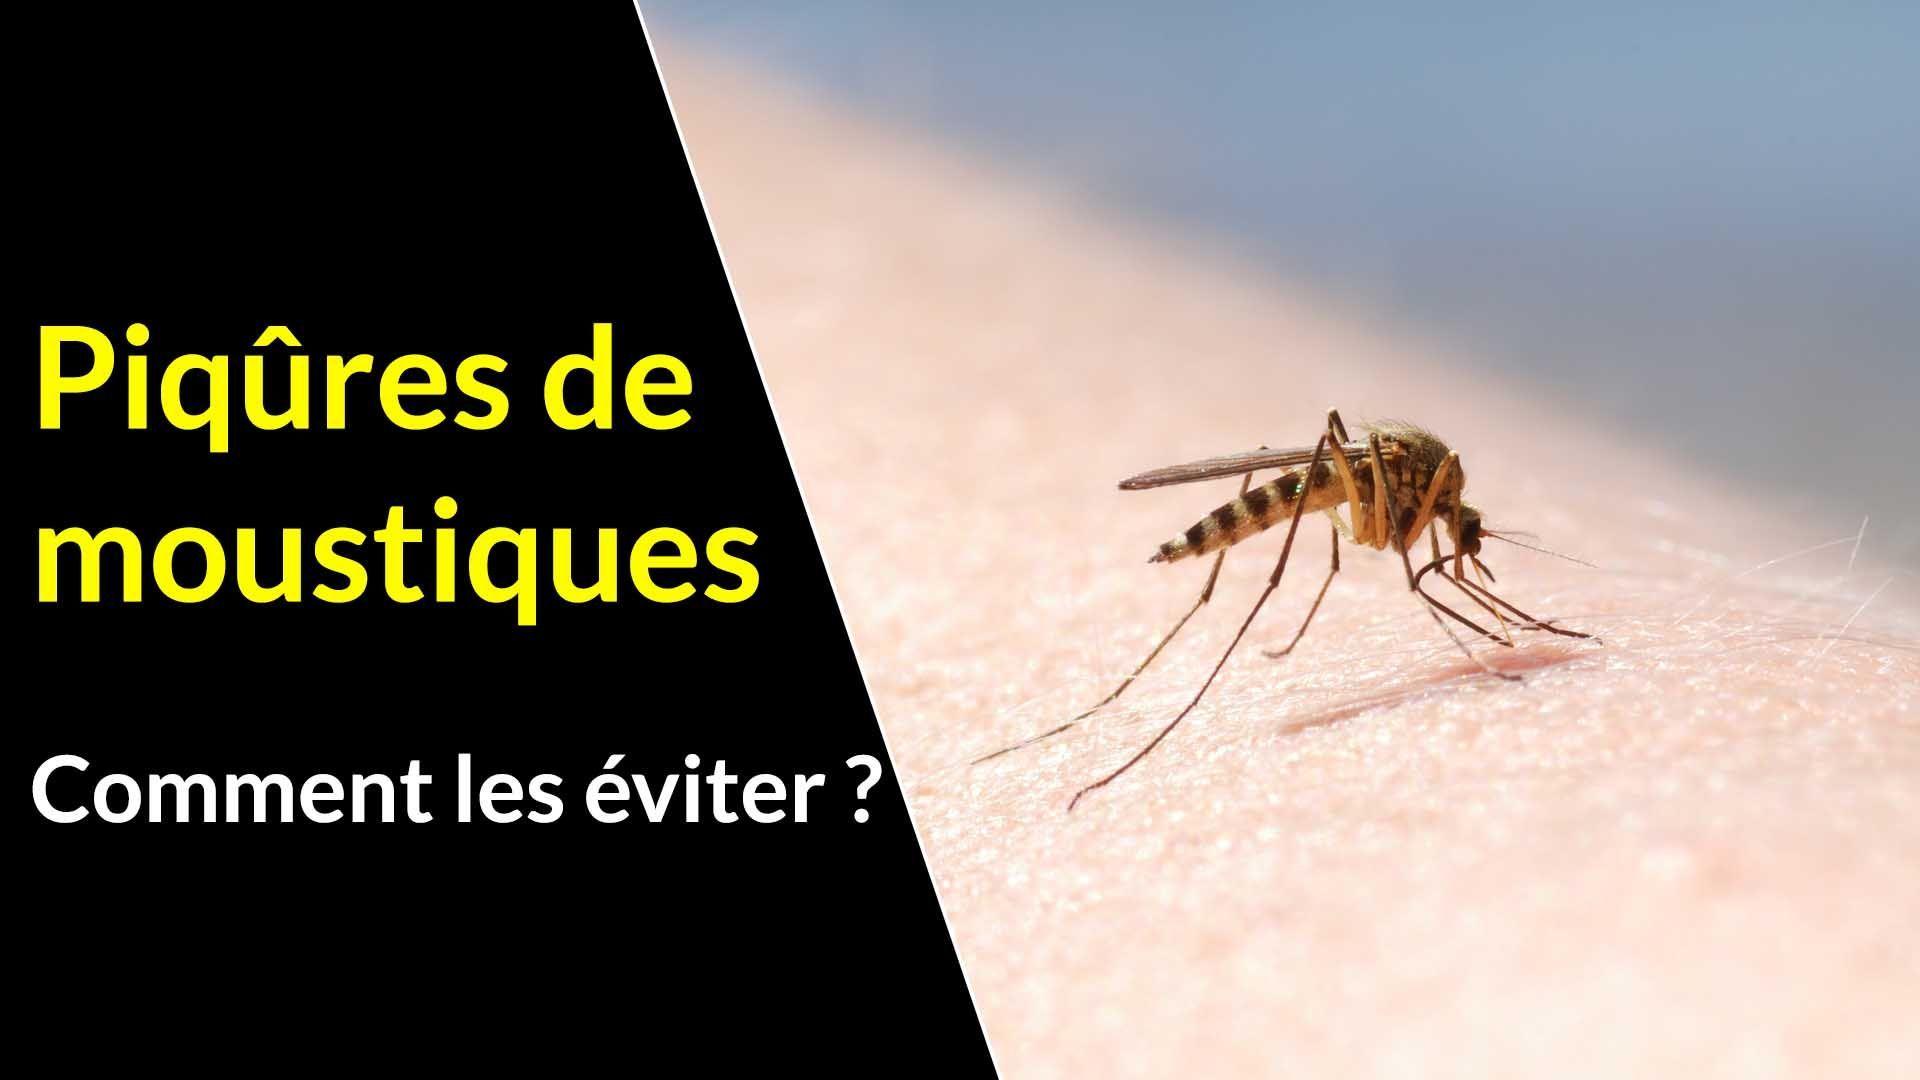 6 conseils pour se protéger des piqûres de moustiques